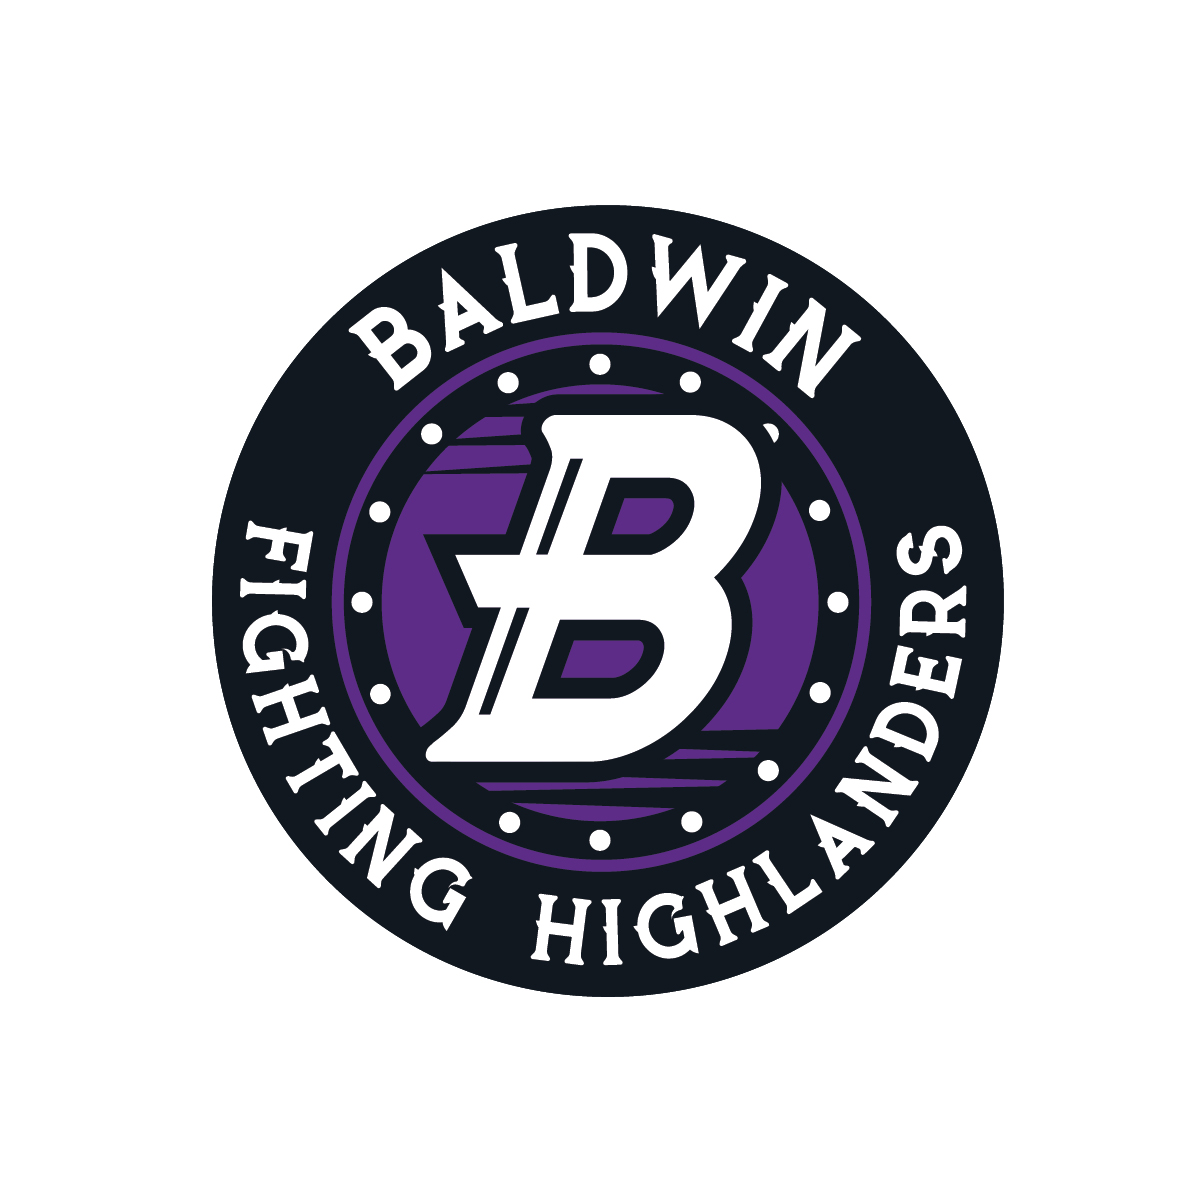 Curtains the musical logo - Baldwin 22b 22 Seal Logo